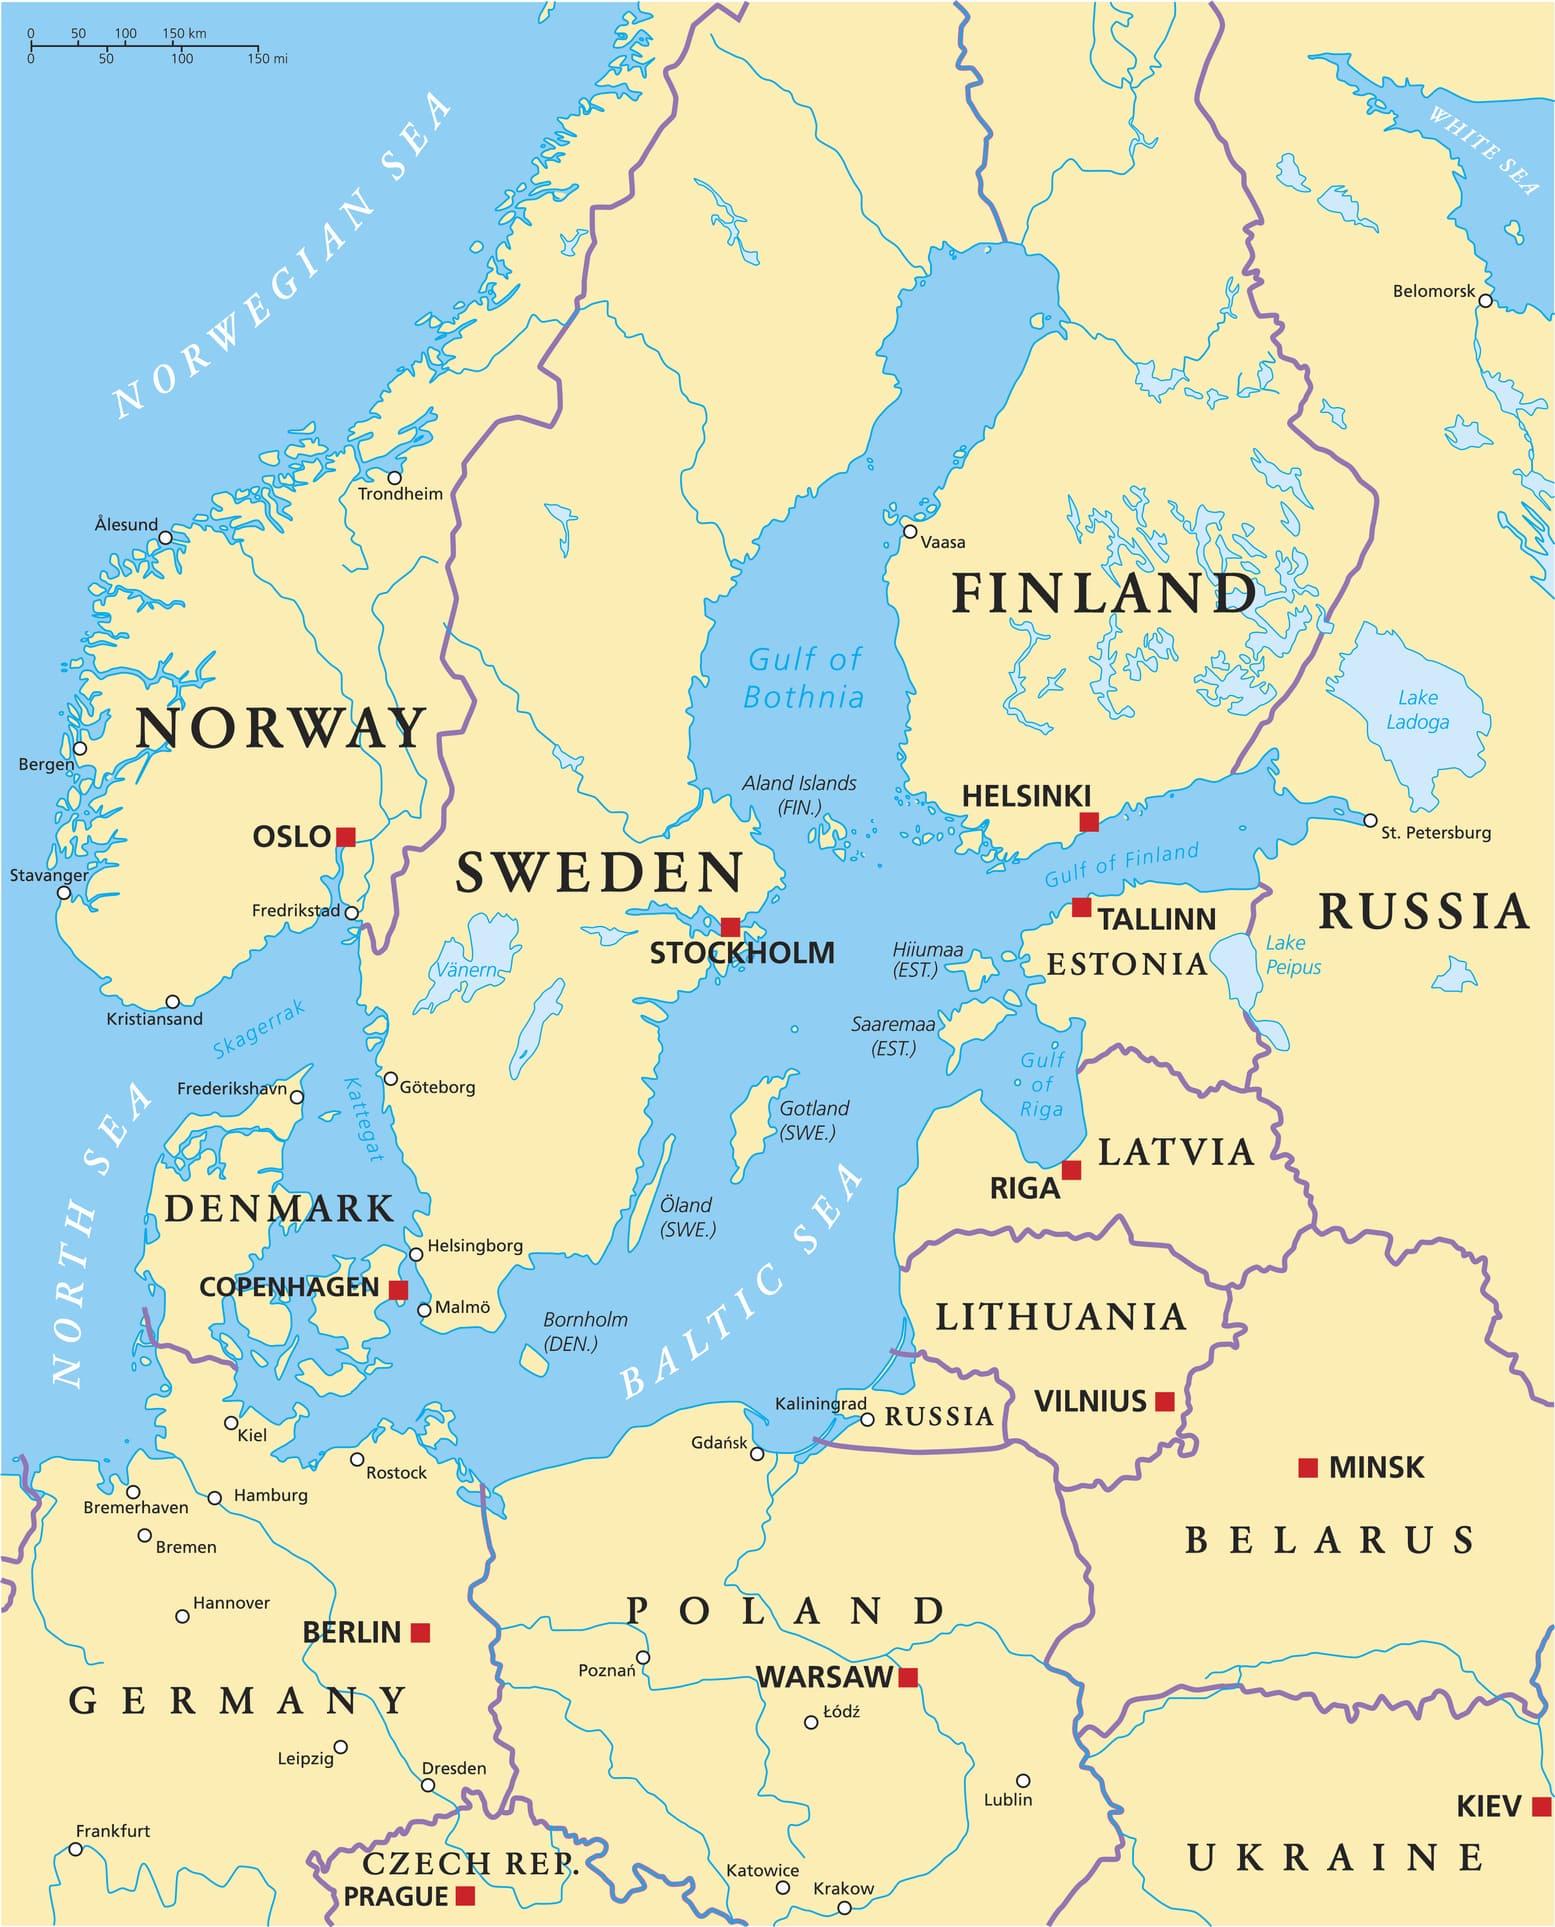 Karte der Ostsee